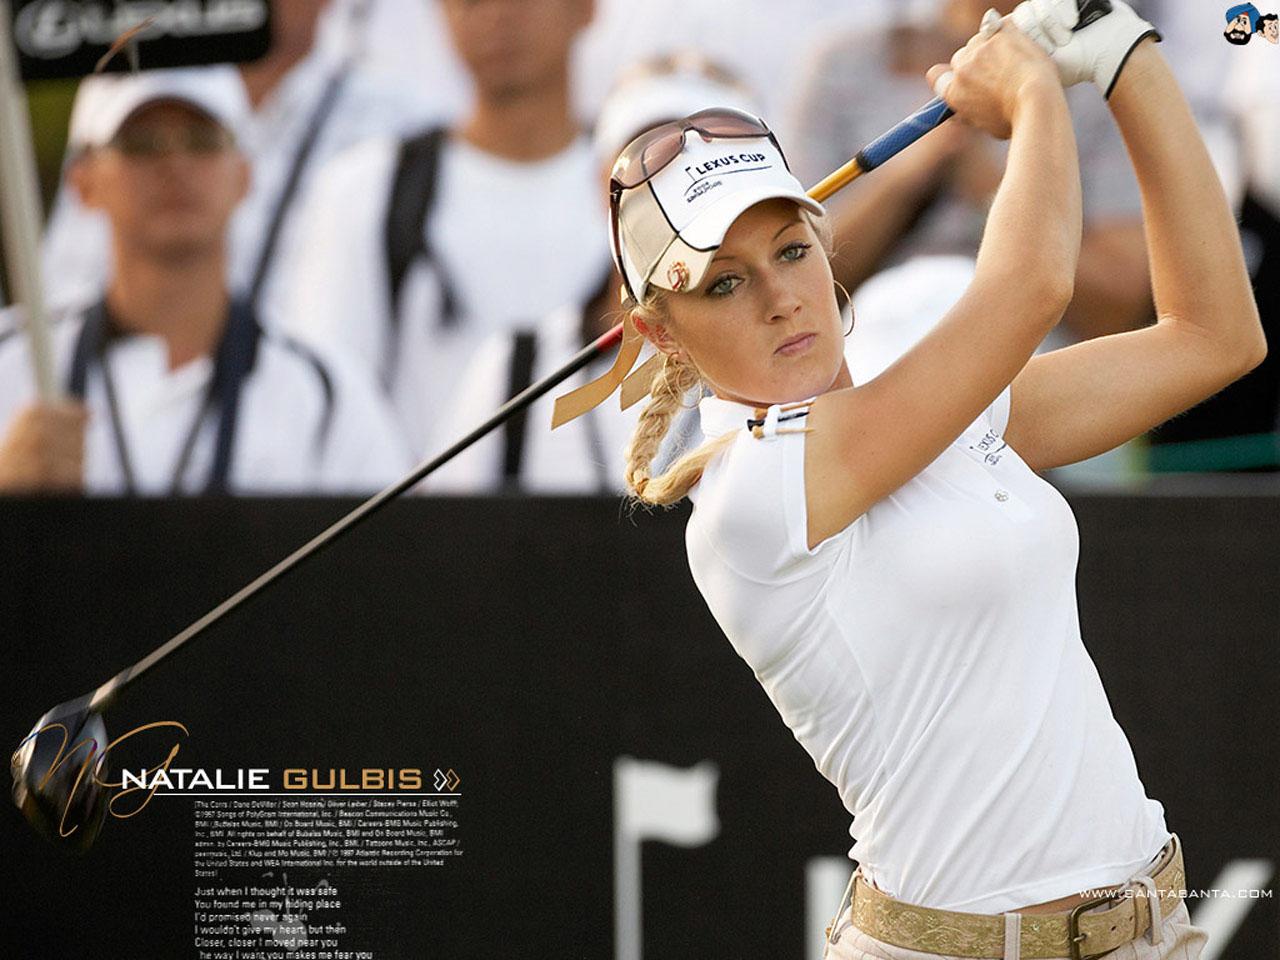 Natalie Gulbis Golf